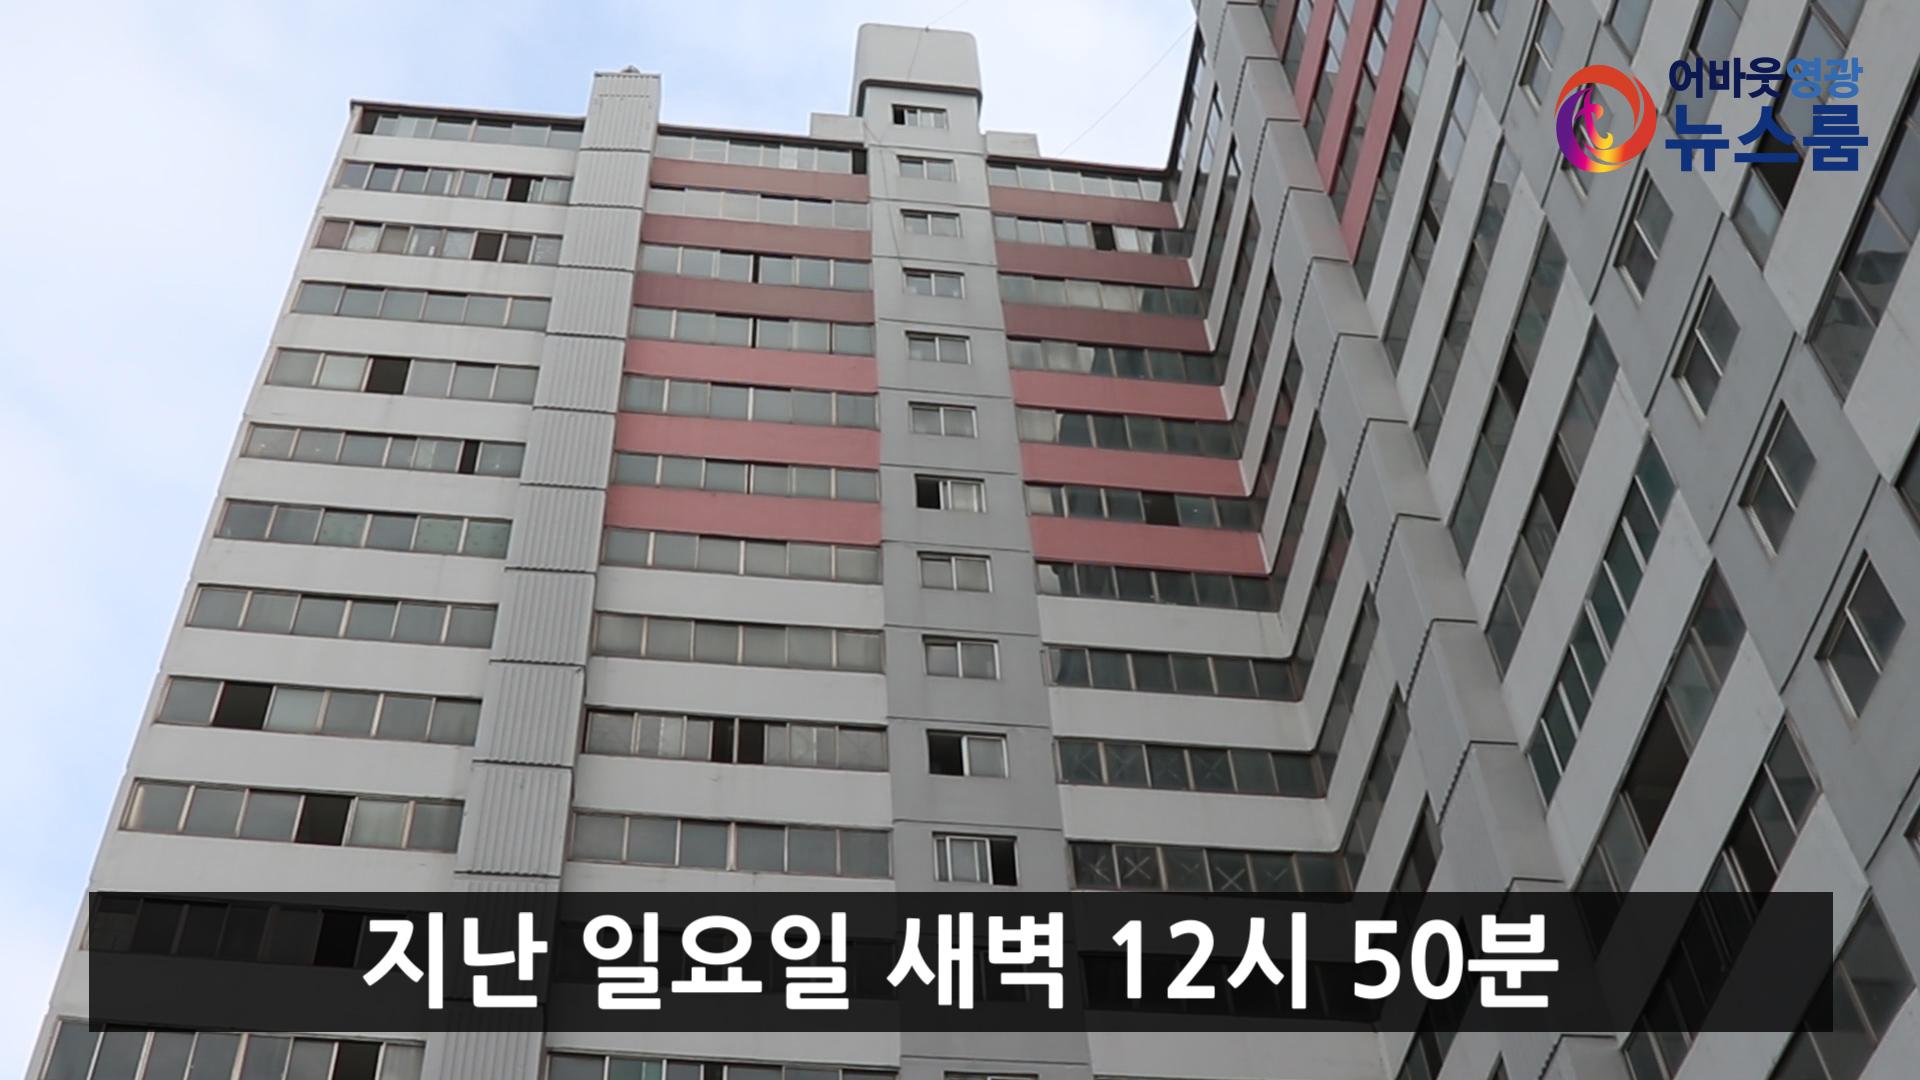 영광읍 한 아파트서 과도 테러 발생